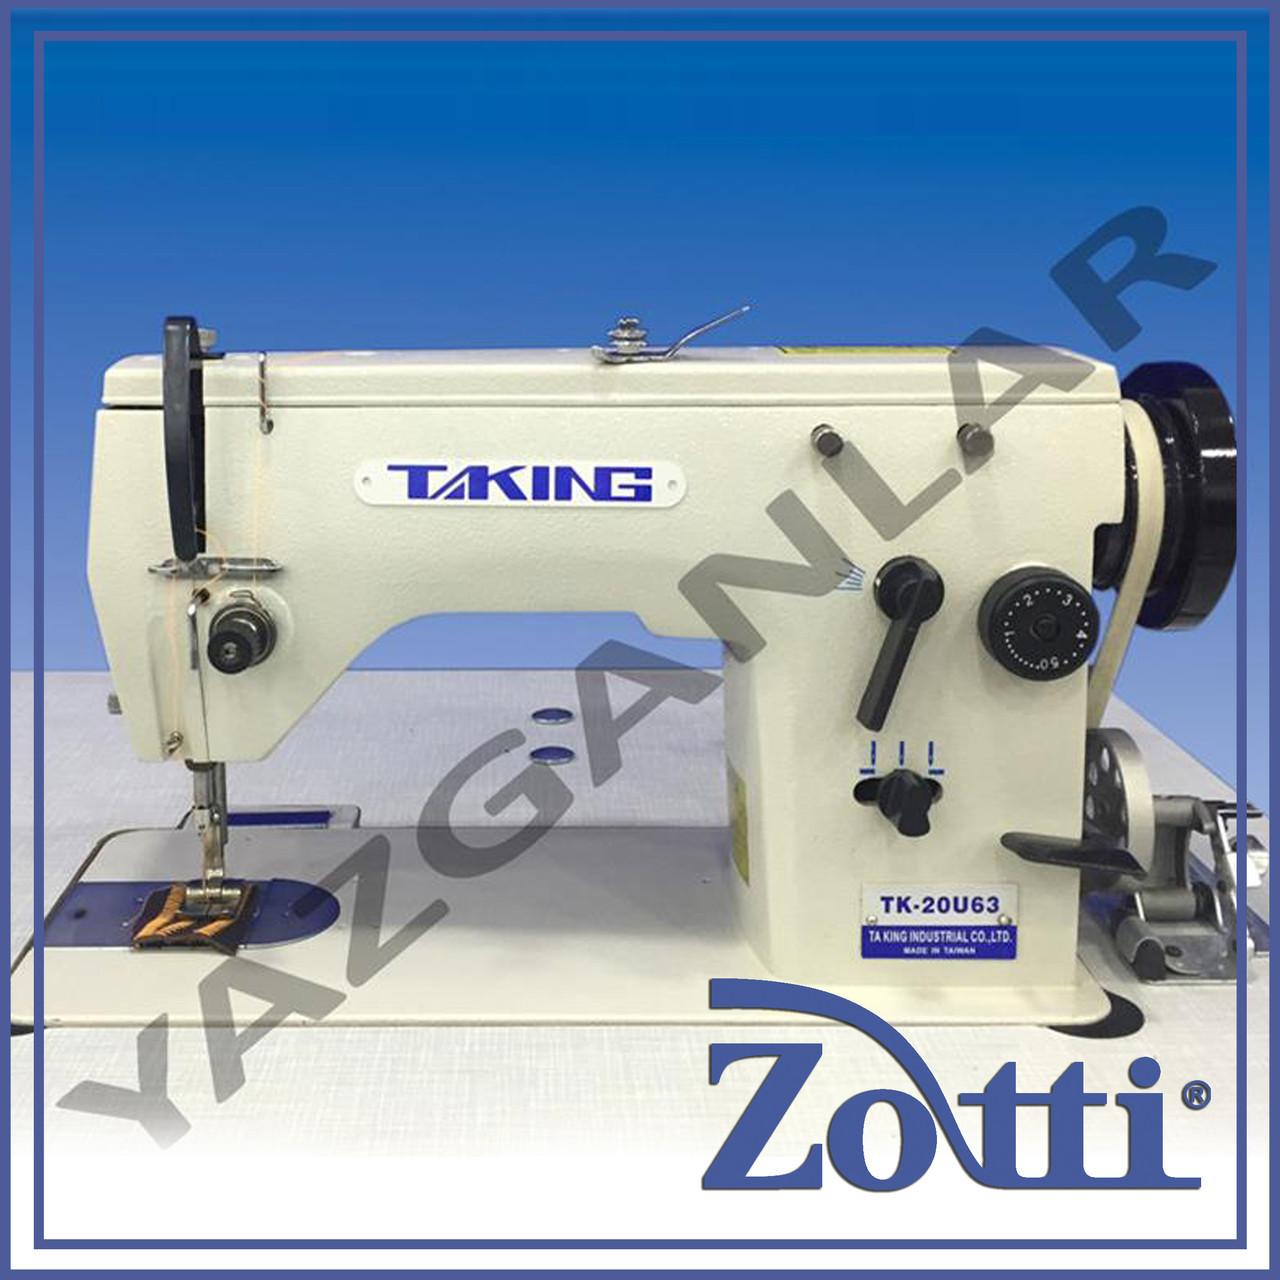 Швейная машина для обувного производства Taking Tk-20-U-63 зигзаг 12mm (Турция)